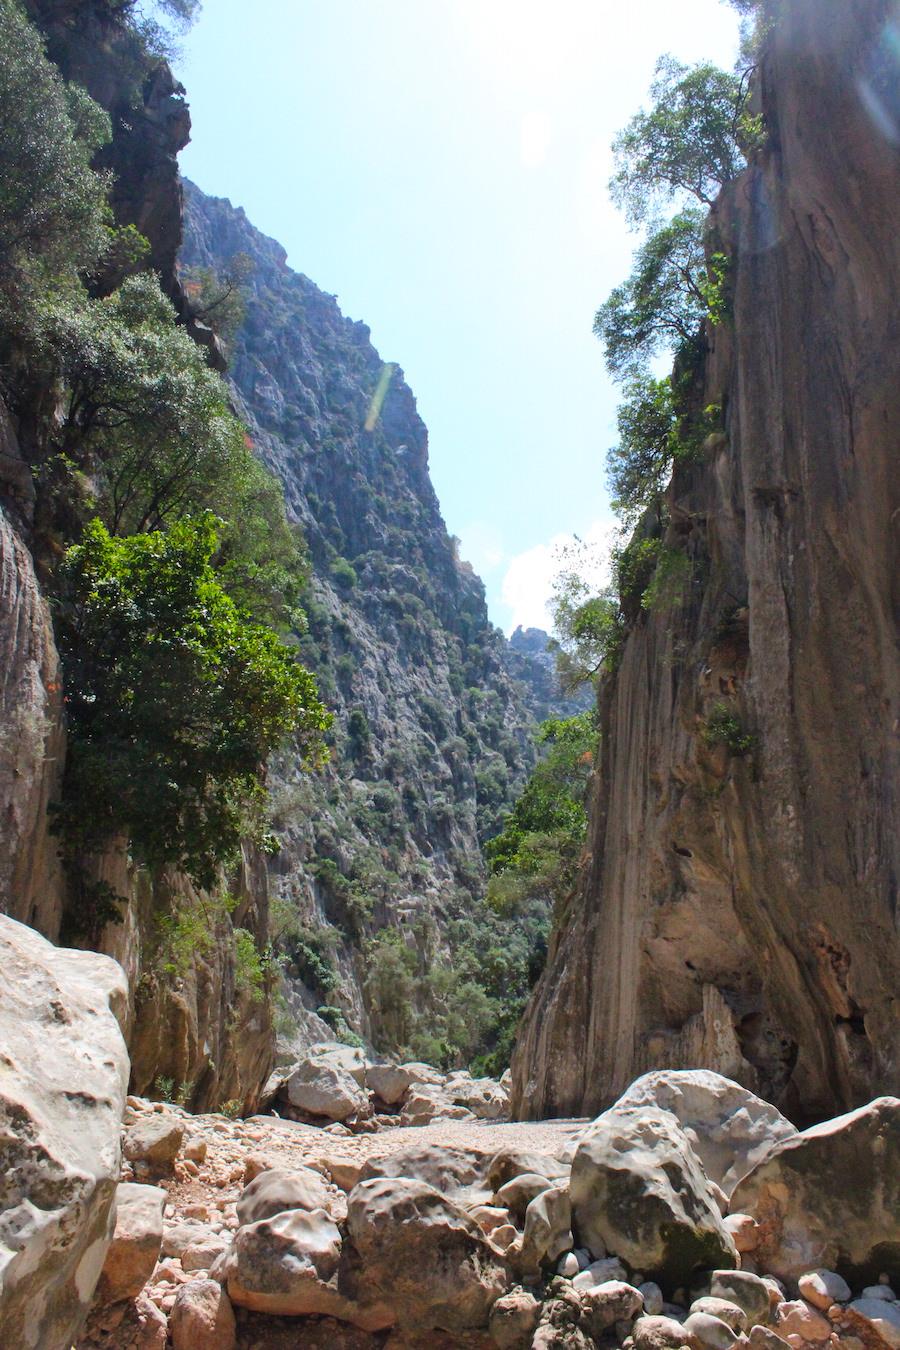 Wanderung Torrent de Pareis - Mallorca - Klettern